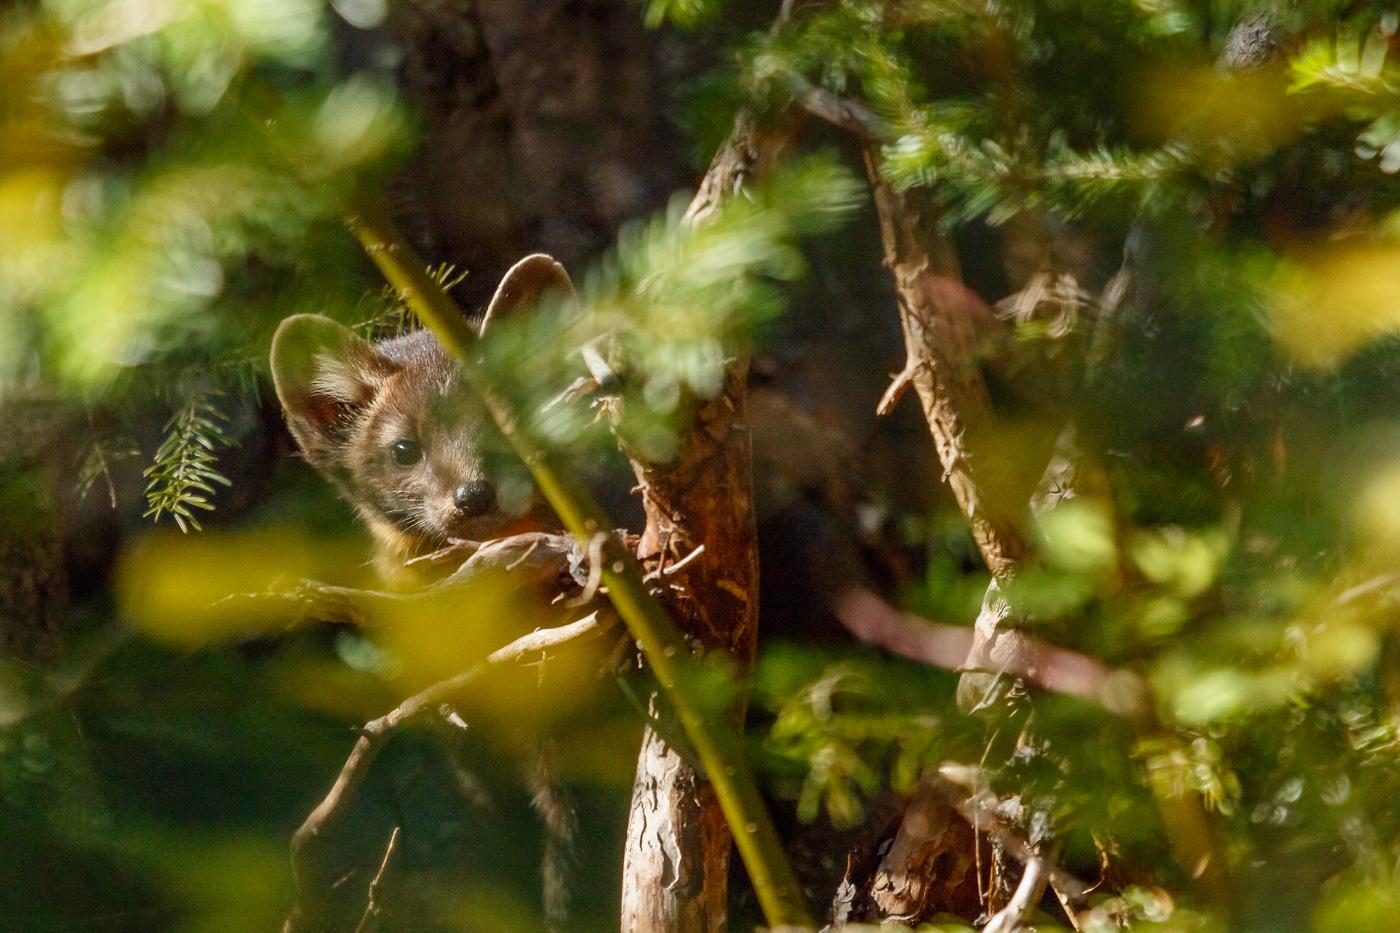 Marten (Martes americana), Yoho National Park, Canada. - Fauna de Nord-Amèrica - Raül Carmona - Fotografia, Fotografia d'estudi, esdeveniments i Natura